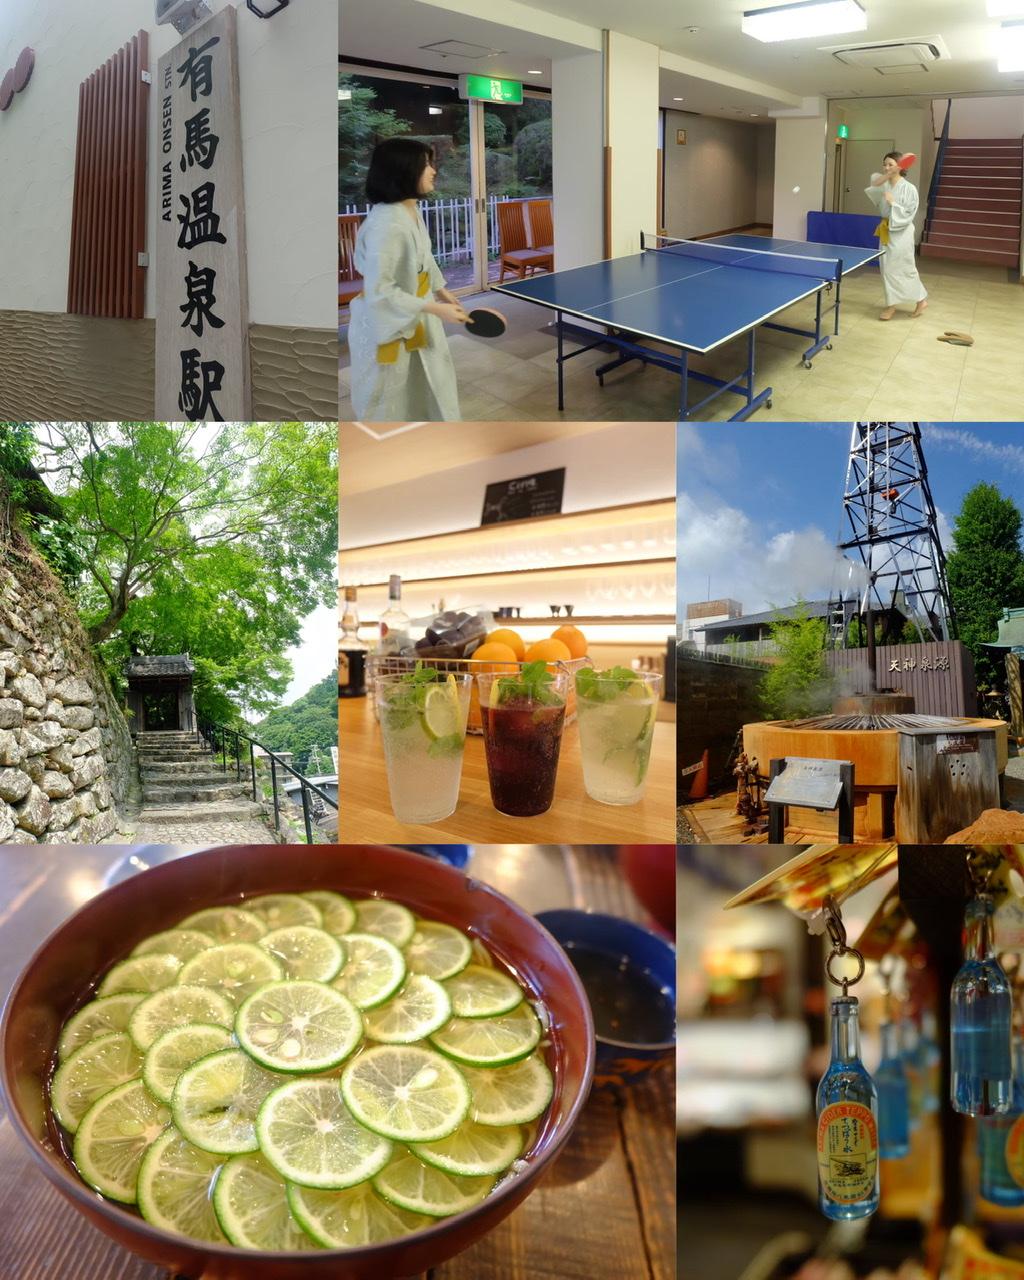 ♡【女子旅におすすめ】有馬温泉に来たらはずせない!絶景ランチと歴史と伝統が宿る温泉宿へ♡_4